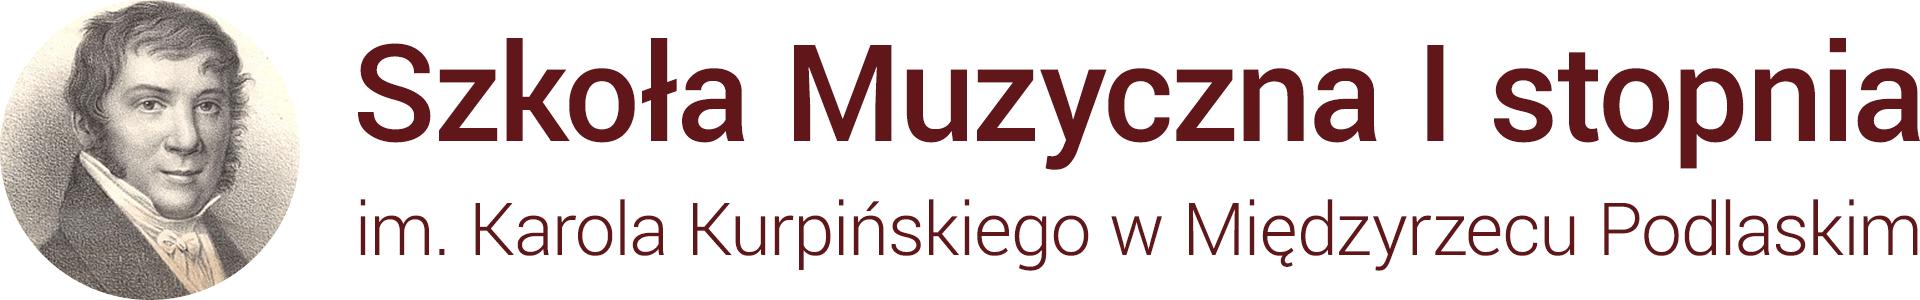 Szkoła muzyczna I stopnia im. Karola Kurpińskiego w Międzyrzecu Podlaskim